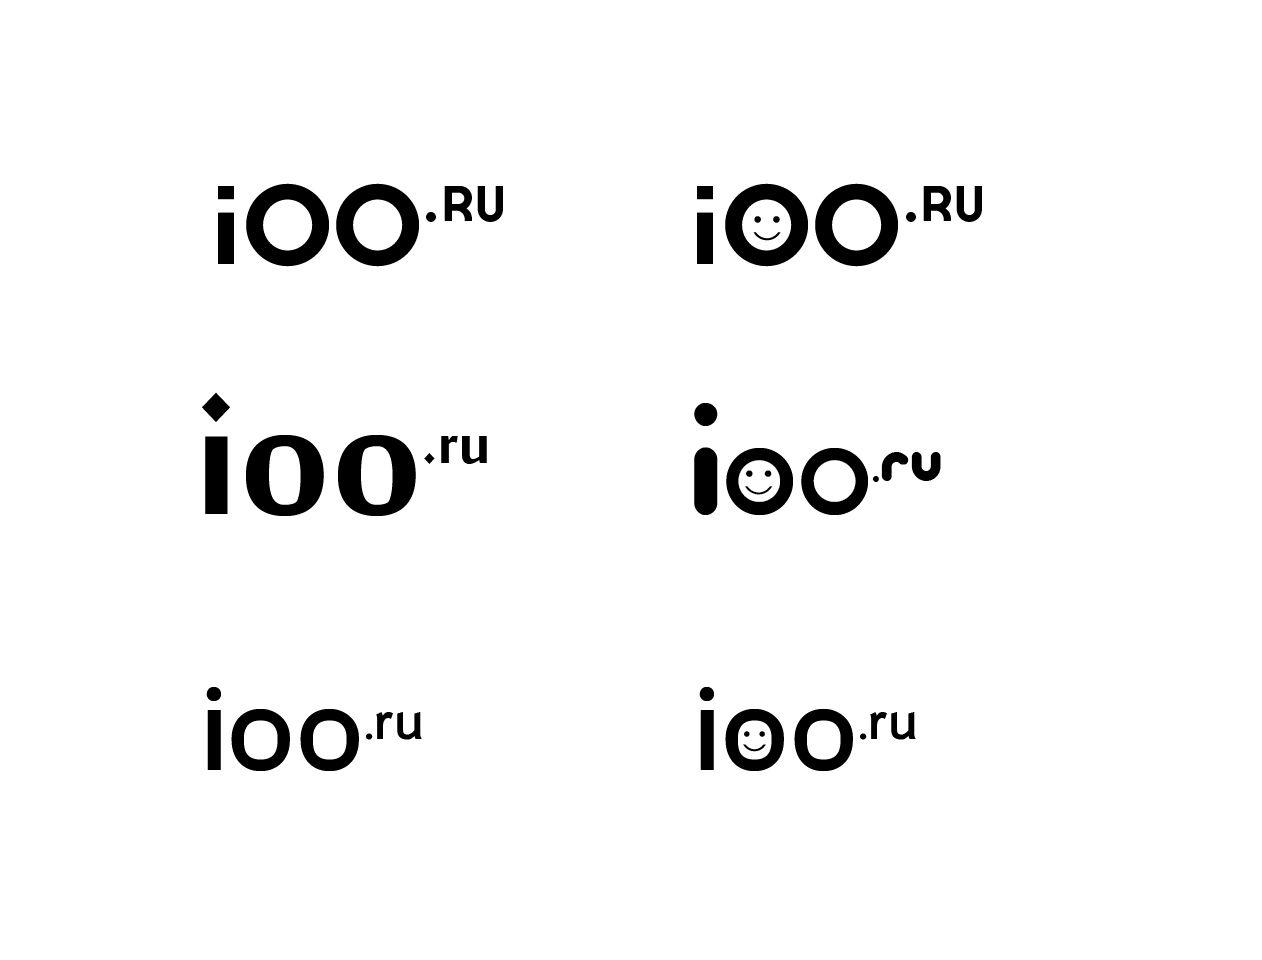 Логотип для Логотип для ioo.ru (мебель, товары для дома) - дизайнер Plustudio